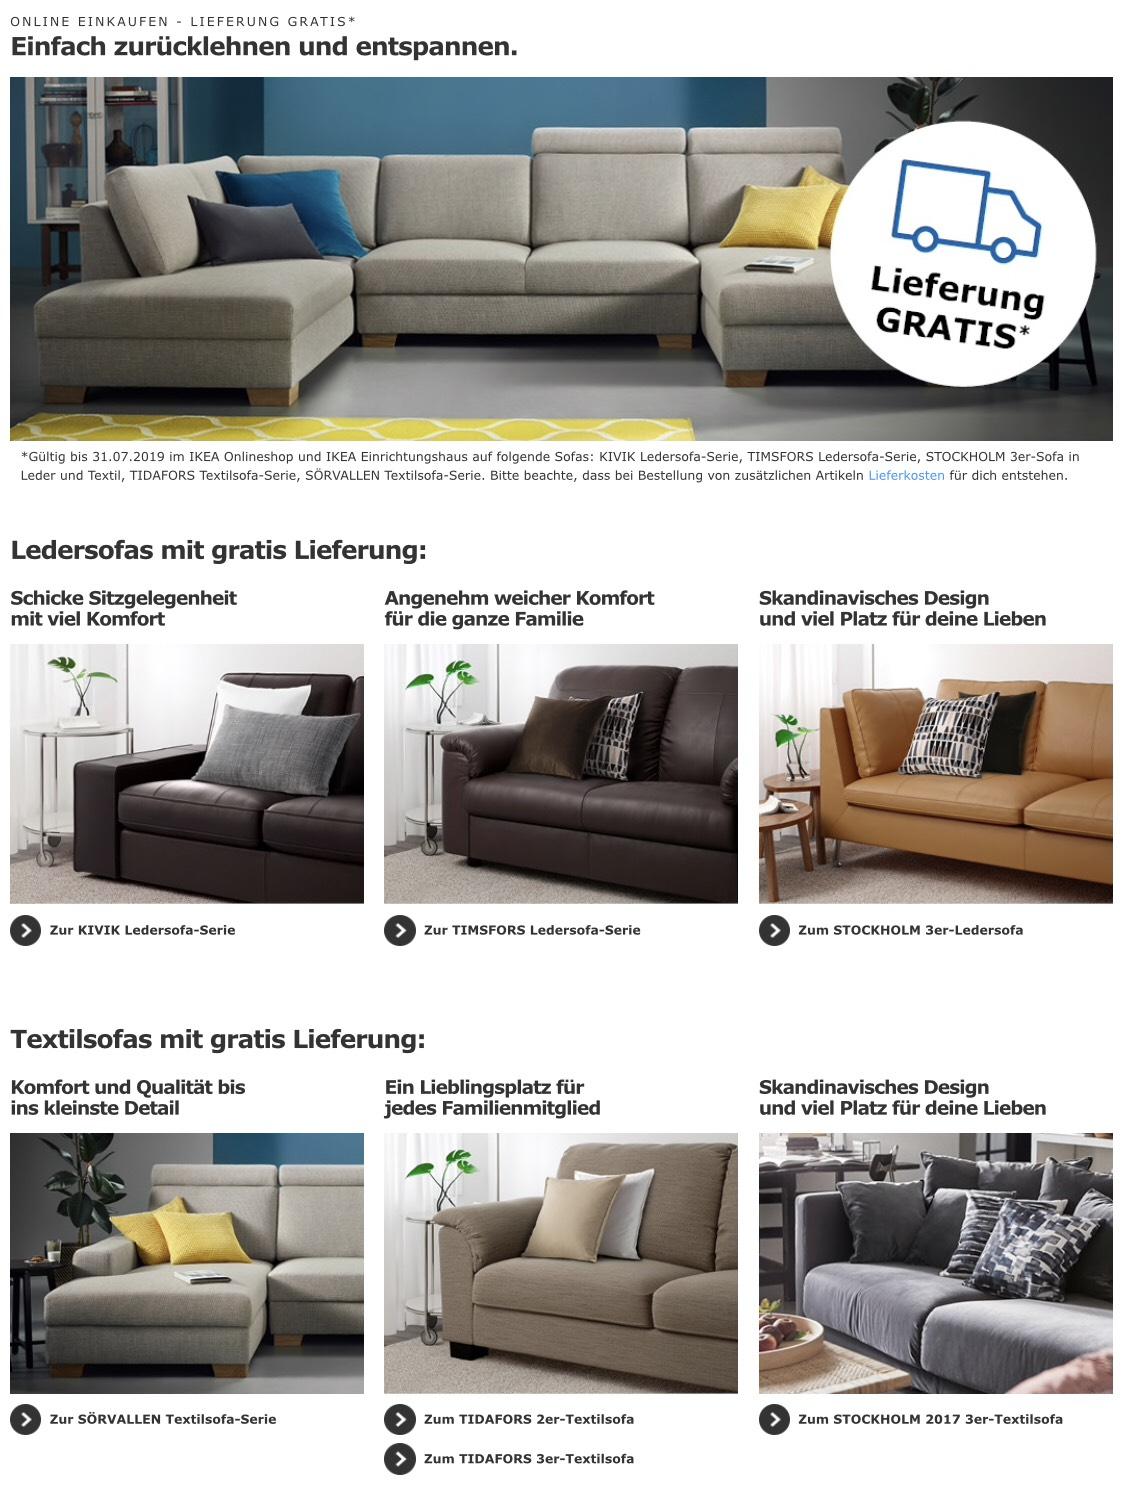 Modellen Ikea Bei Kostenfreie Sofa Lieferung Einigen xCoeWrdB